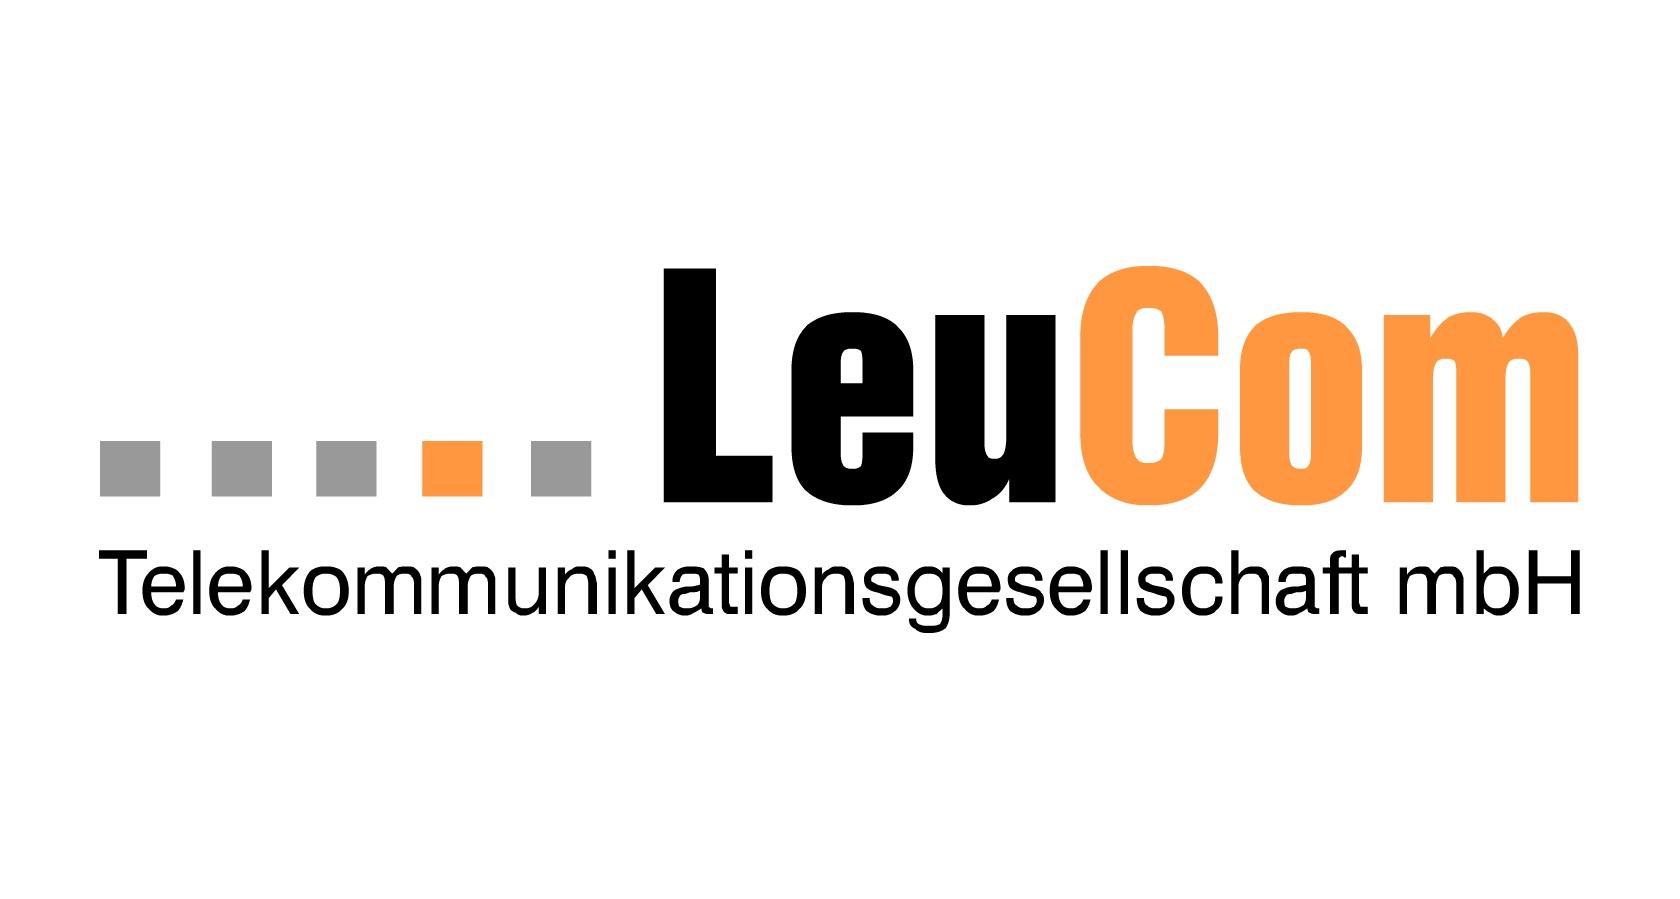 LeuCom - Telekommunikations-